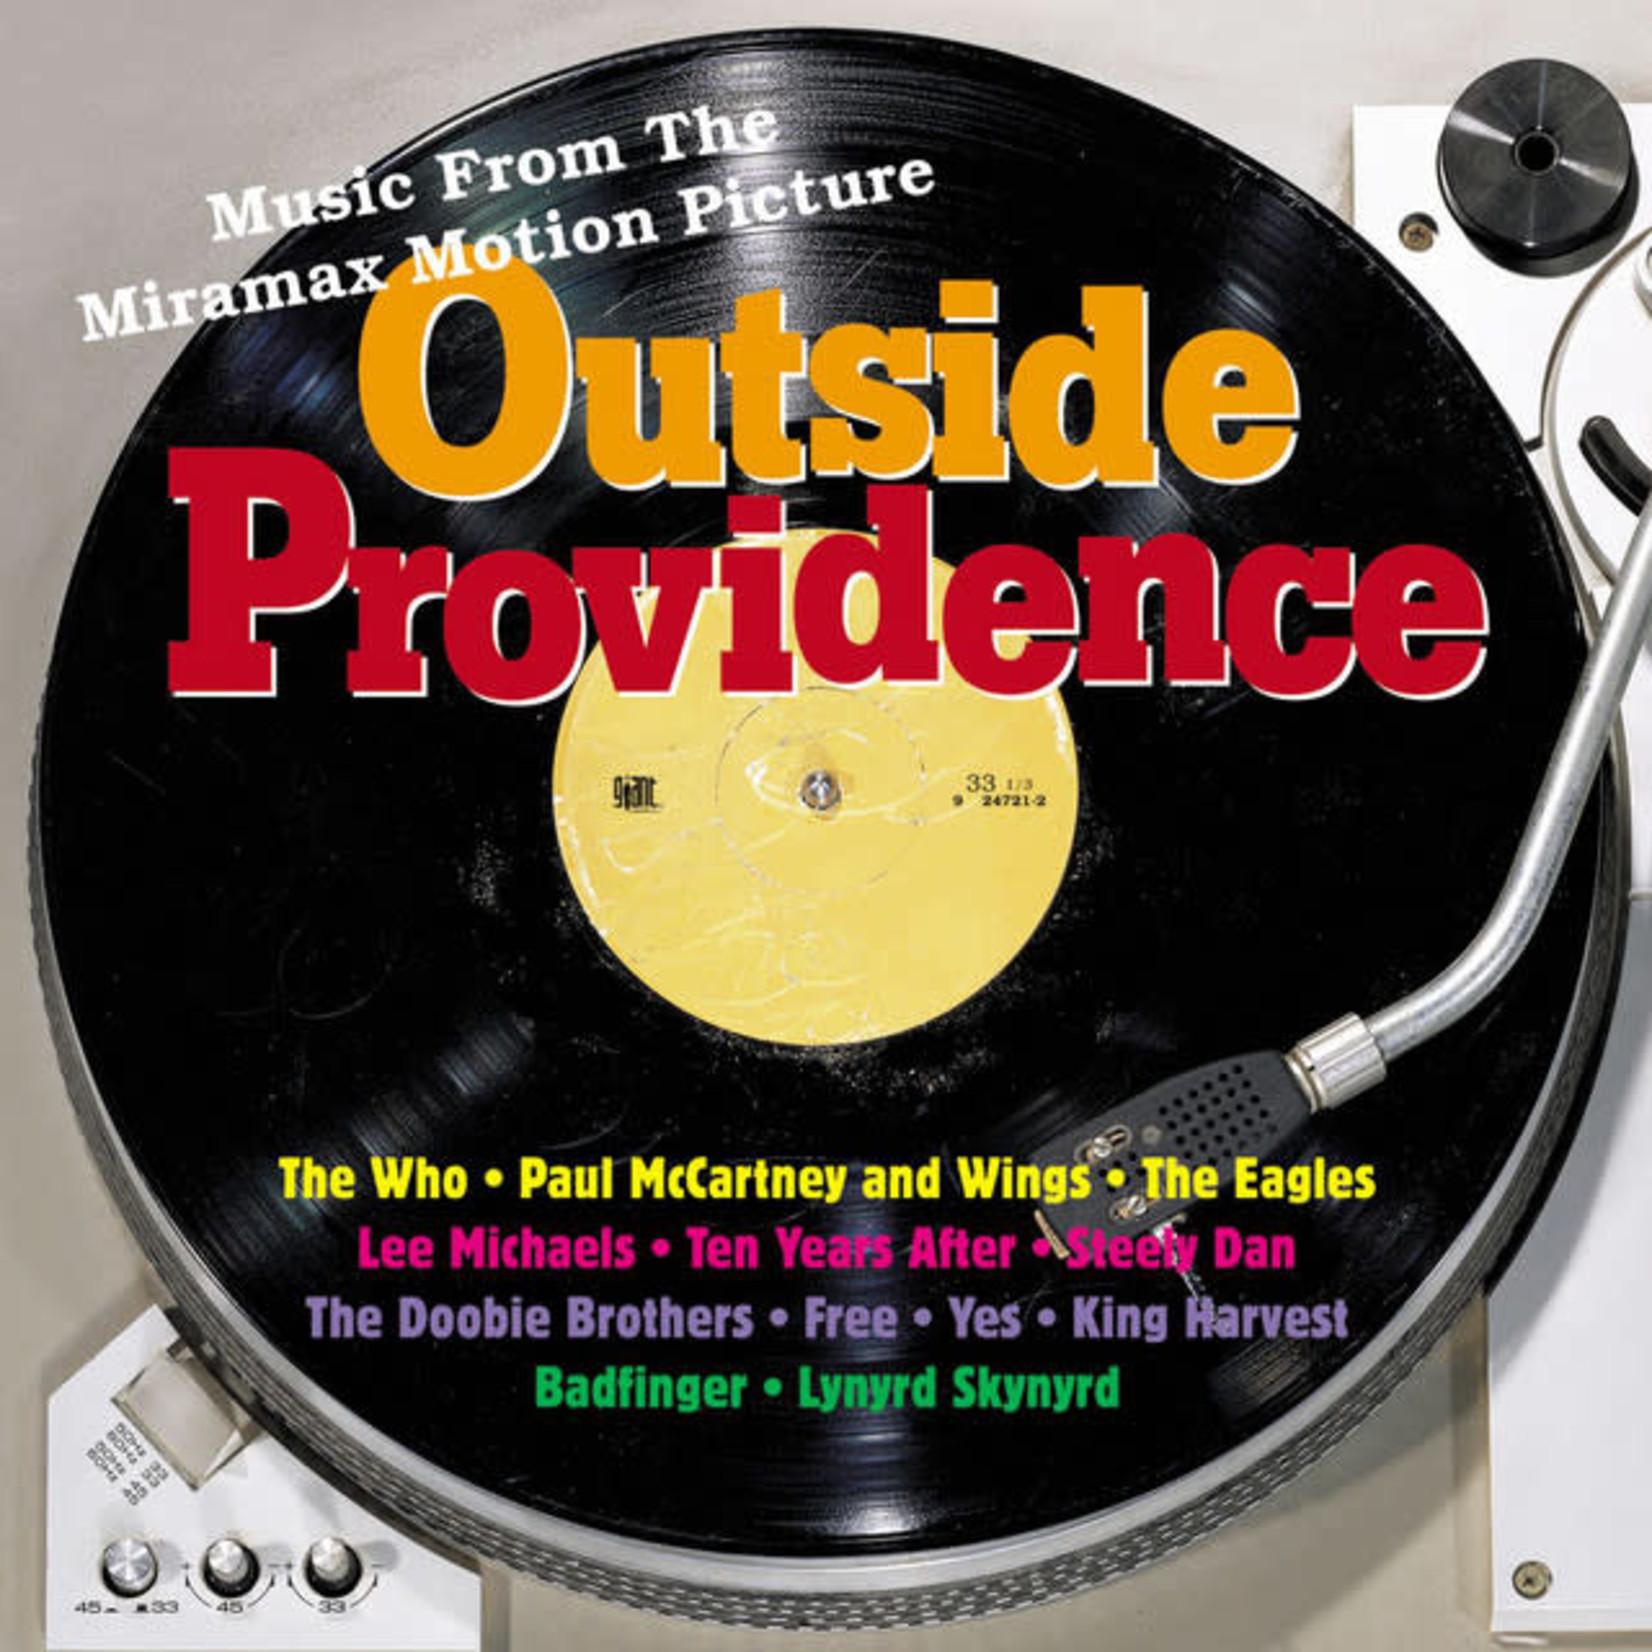 Vinyl Outside Providence - Soundtrack. $$